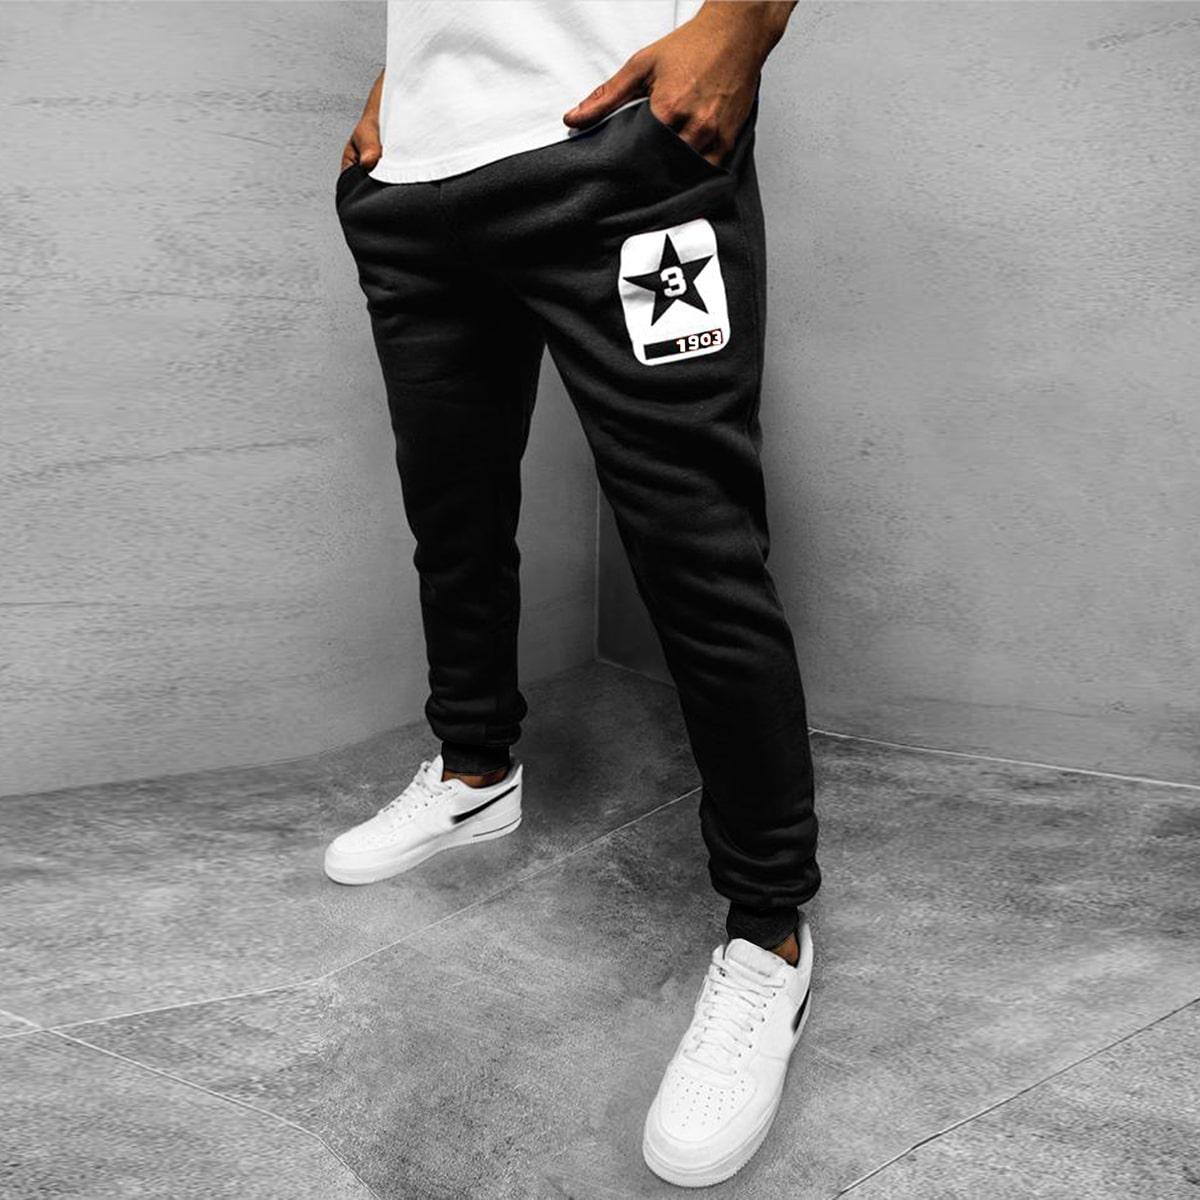 Мужские спортивные брюки с принтом звезды